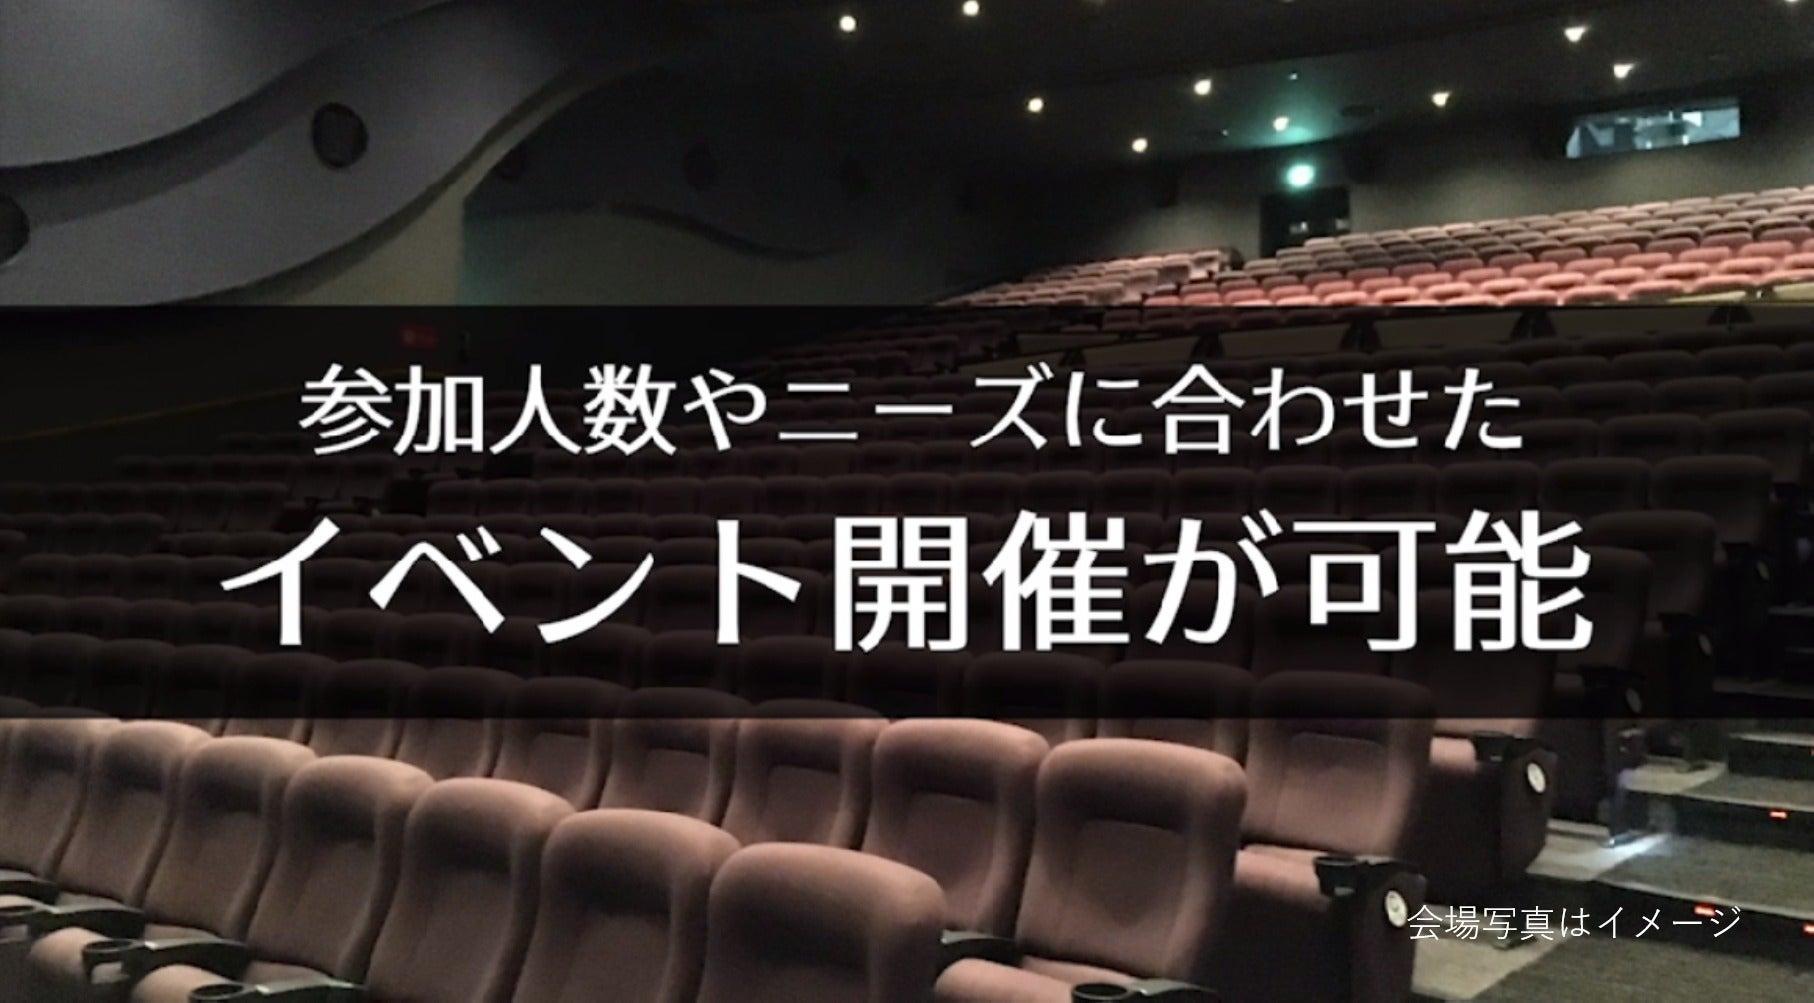 【水戸 133席】映画館で、会社説明会、株主総会、講演会の企画はいかがですか?(ユナイテッド・シネマ水戸) の写真0